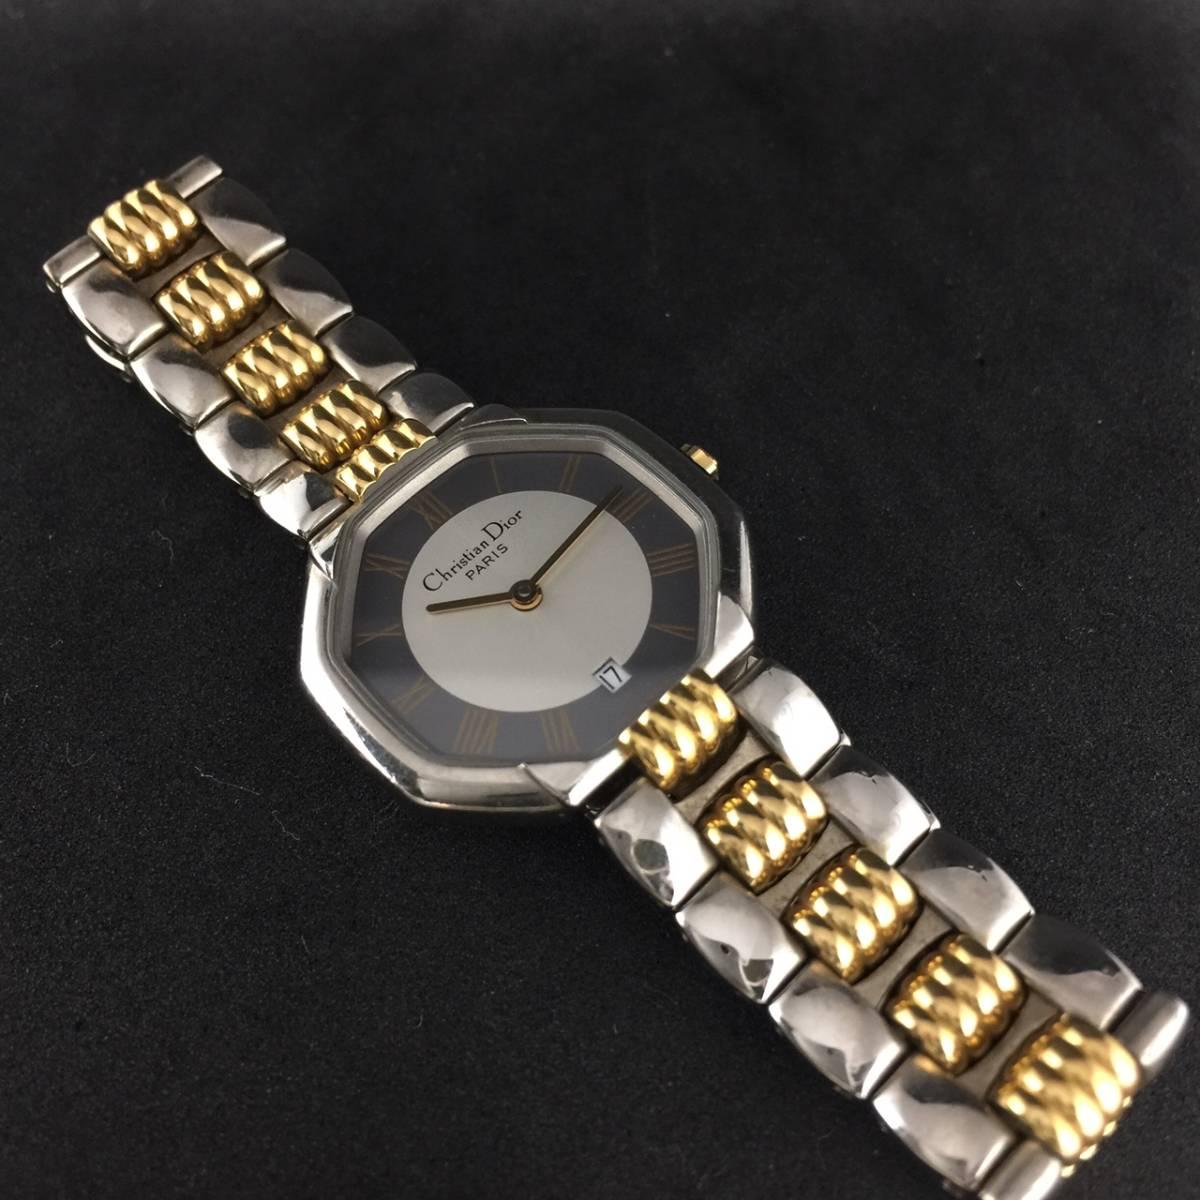 【1円~】Christian Dior クリスチャンディオール 腕時計 レディース D48-203 オクタゴン デイト コンビ 可動品_画像5